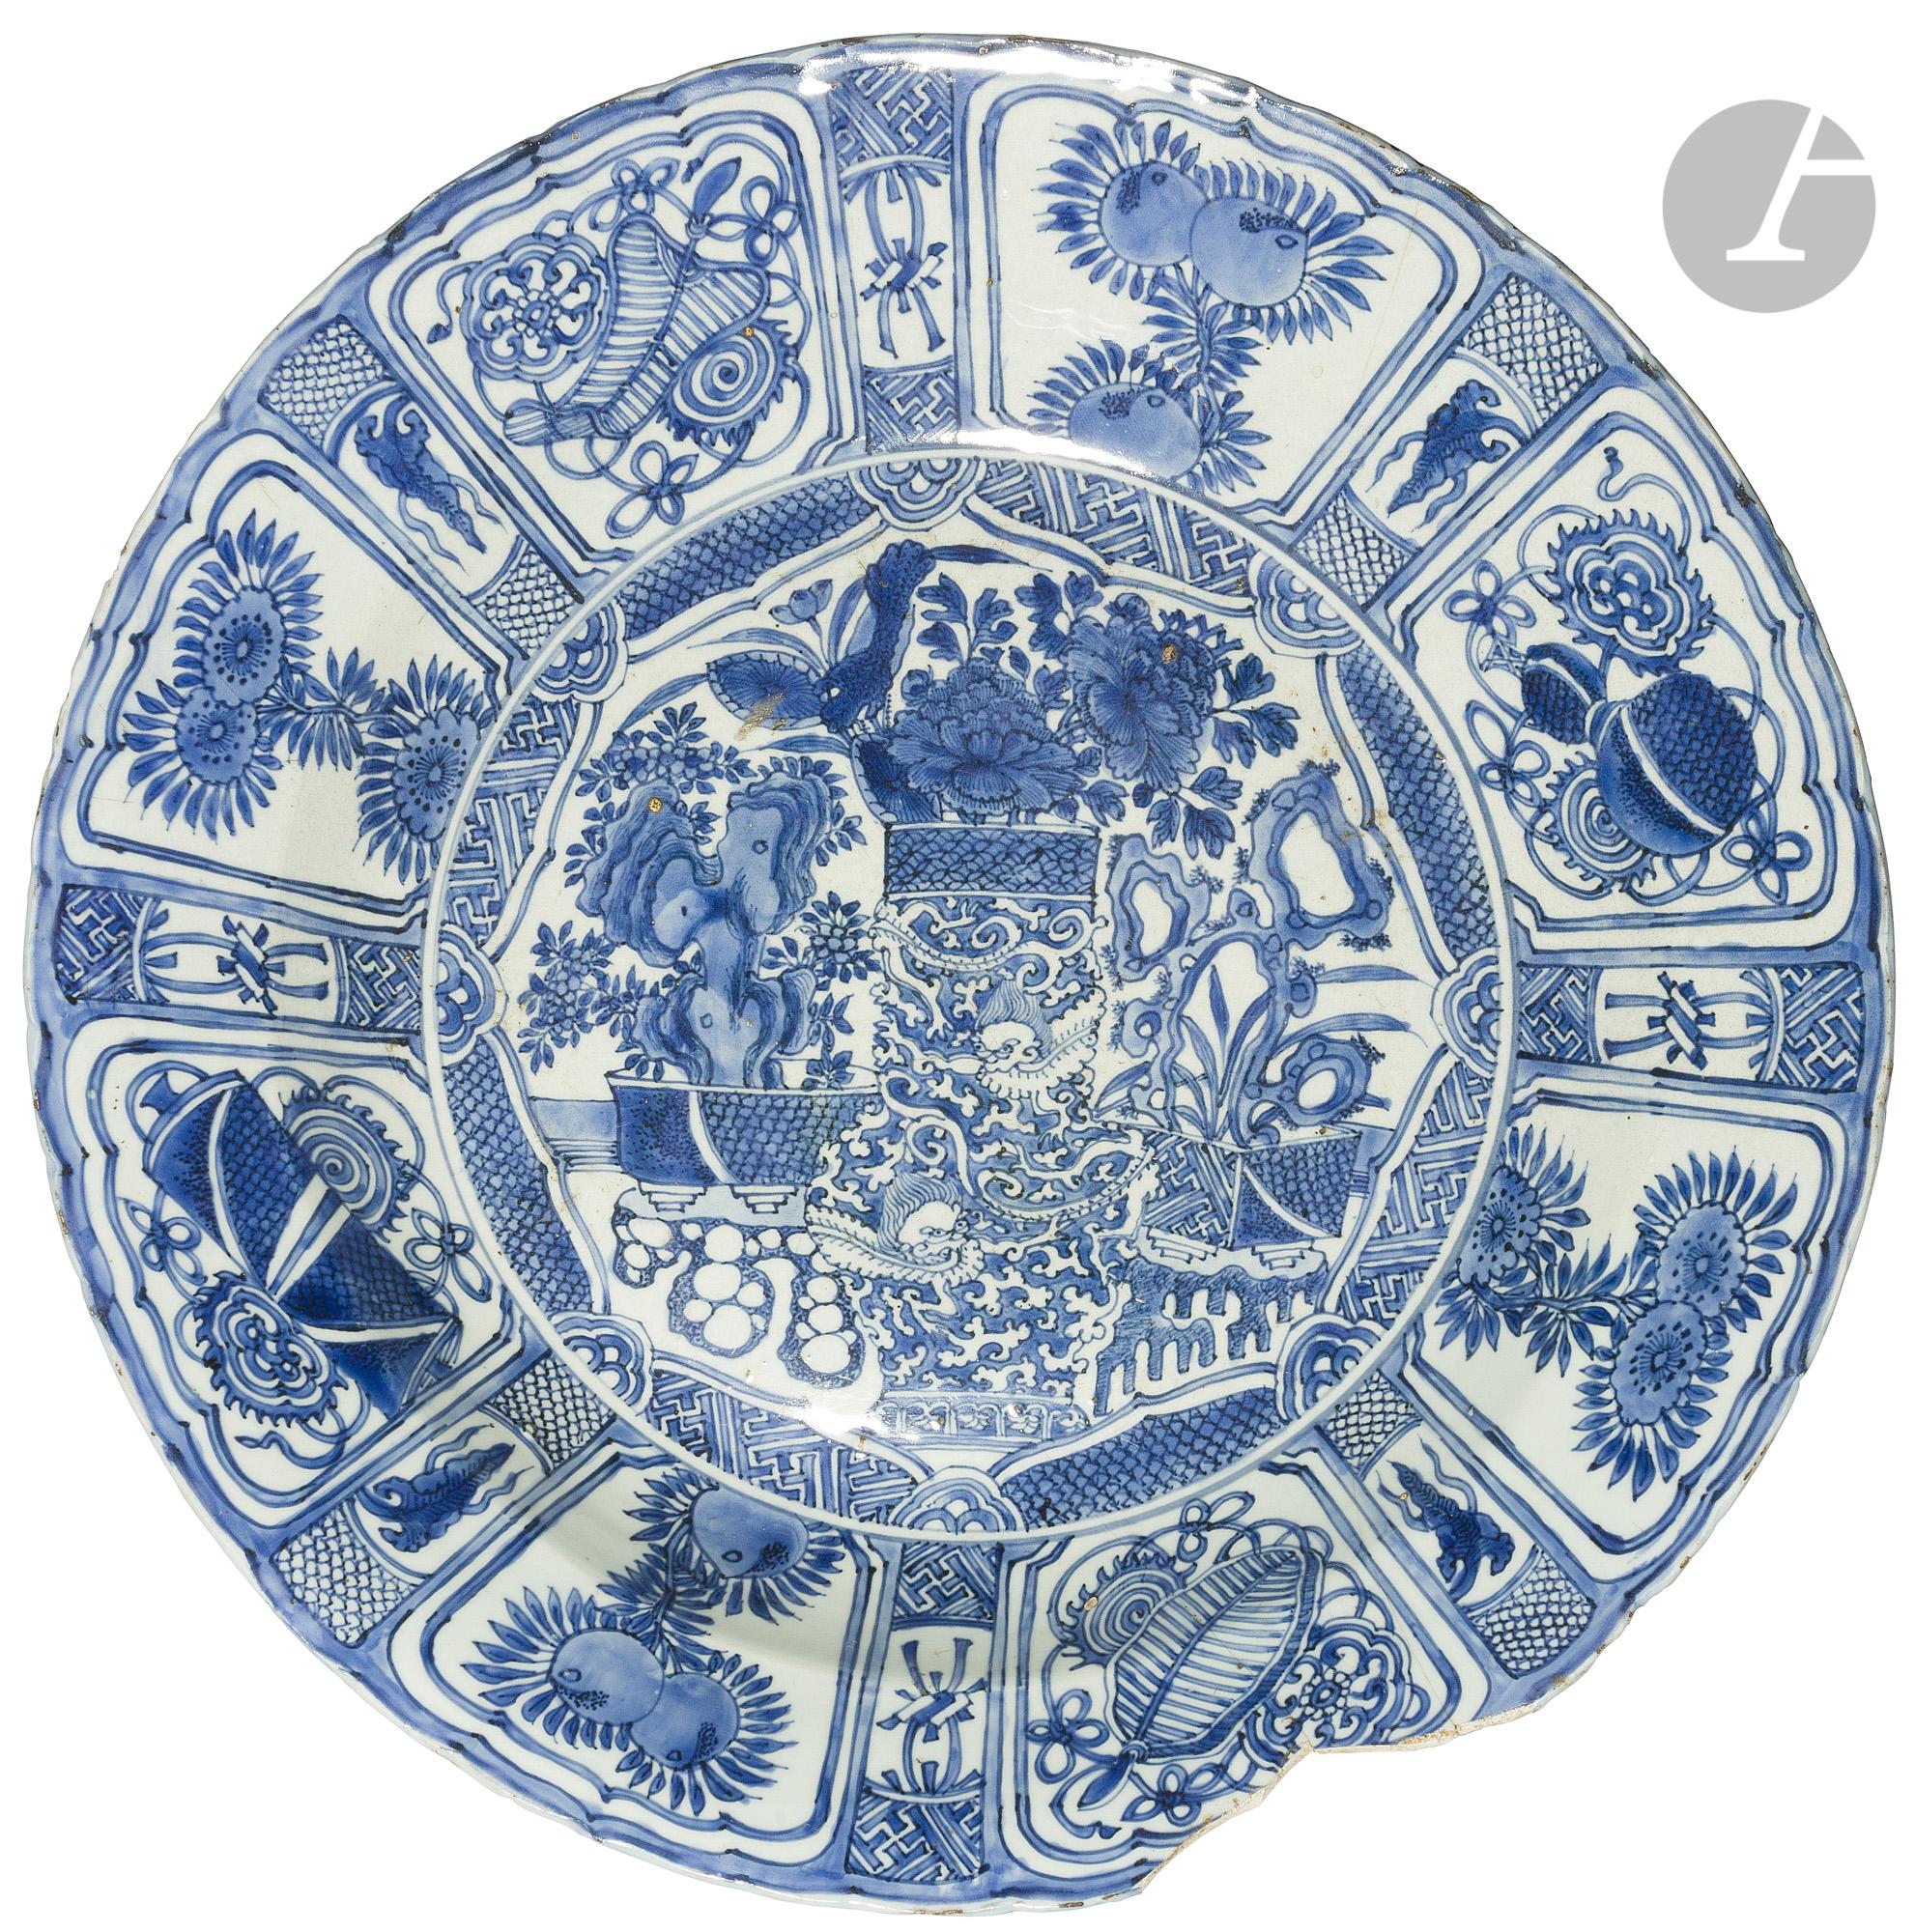 CHINE - Début XVIIe siècle Grand plat Kraak en porcelaine émaillée en bleu sous couverte à décor